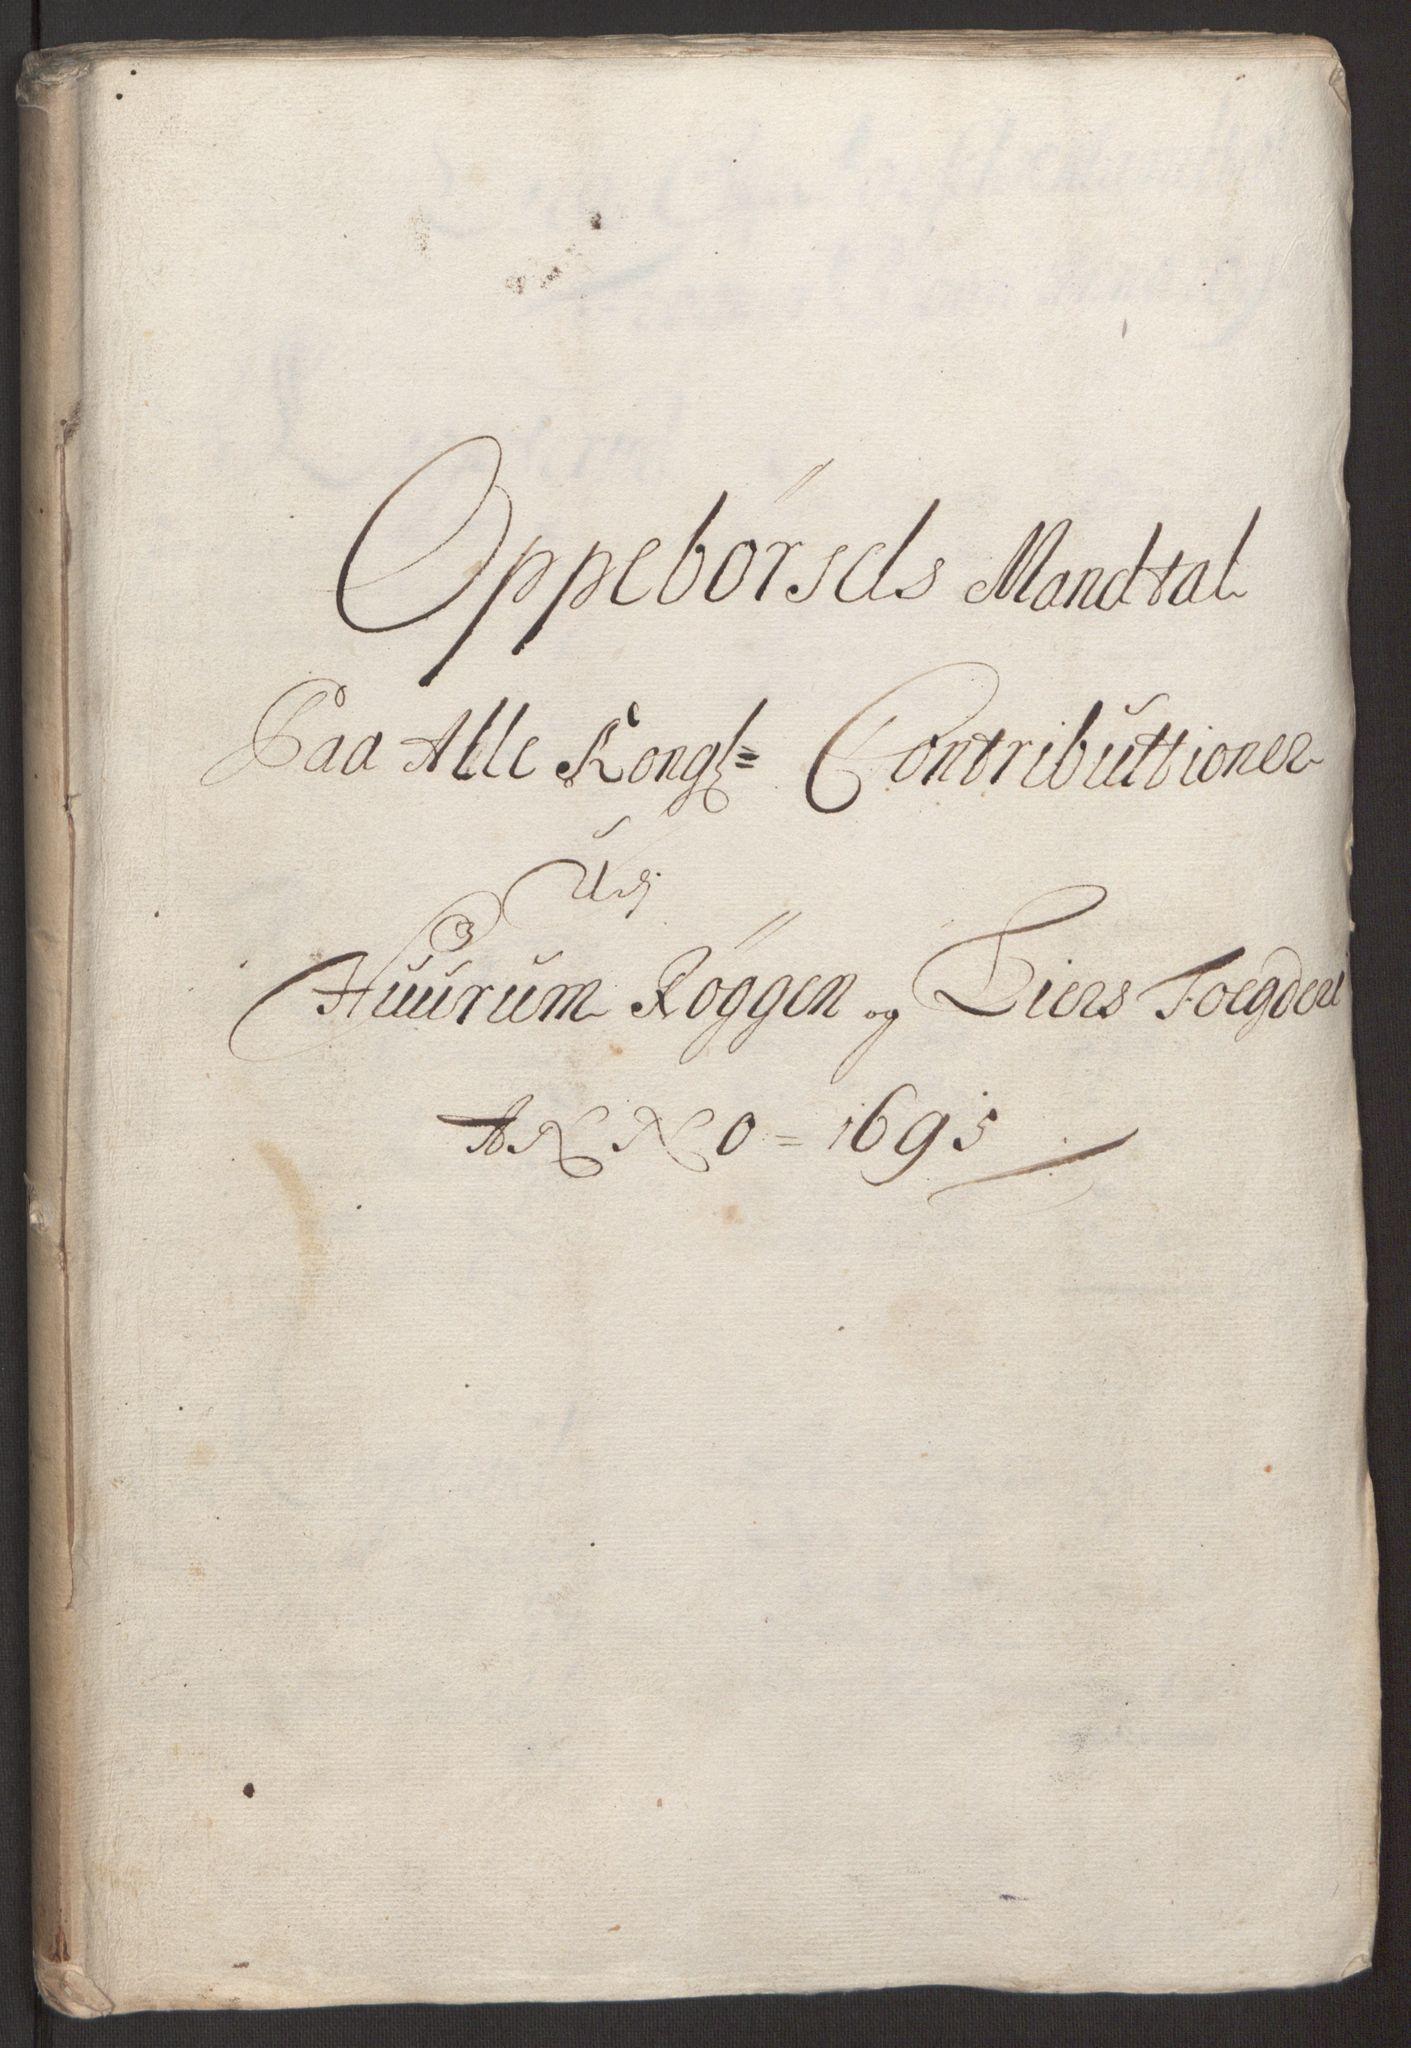 RA, Rentekammeret inntil 1814, Reviderte regnskaper, Fogderegnskap, R30/L1694: Fogderegnskap Hurum, Røyken, Eiker og Lier, 1694-1696, s. 186